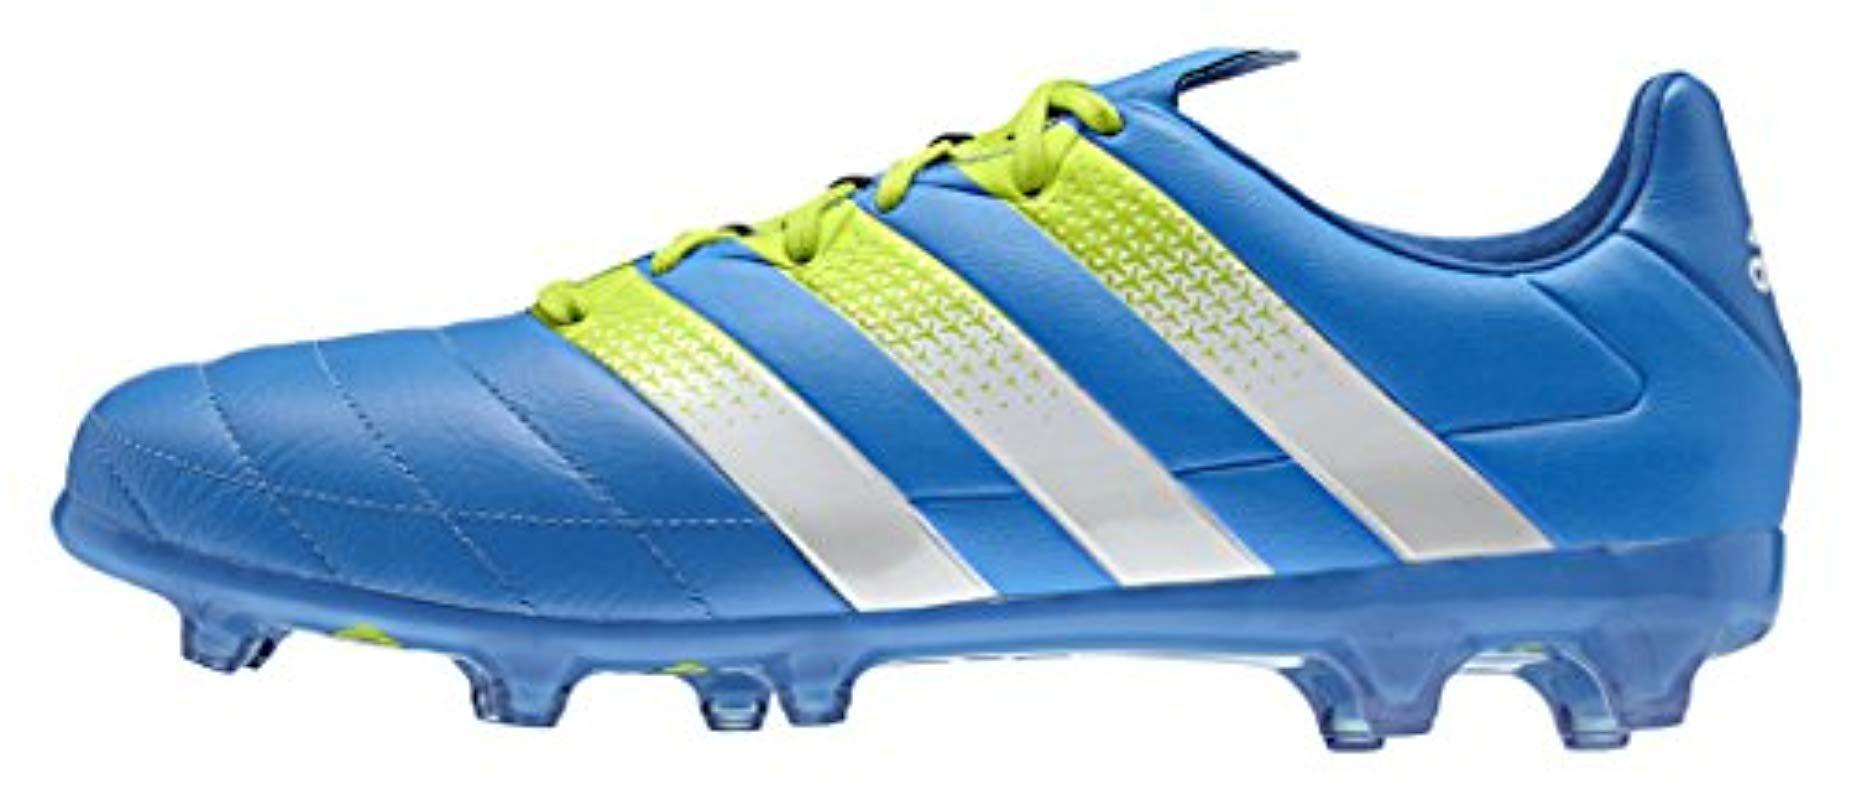 534490673f60 adidas. Men s Blue Ace 16.2 Fg ag Leather Football ...